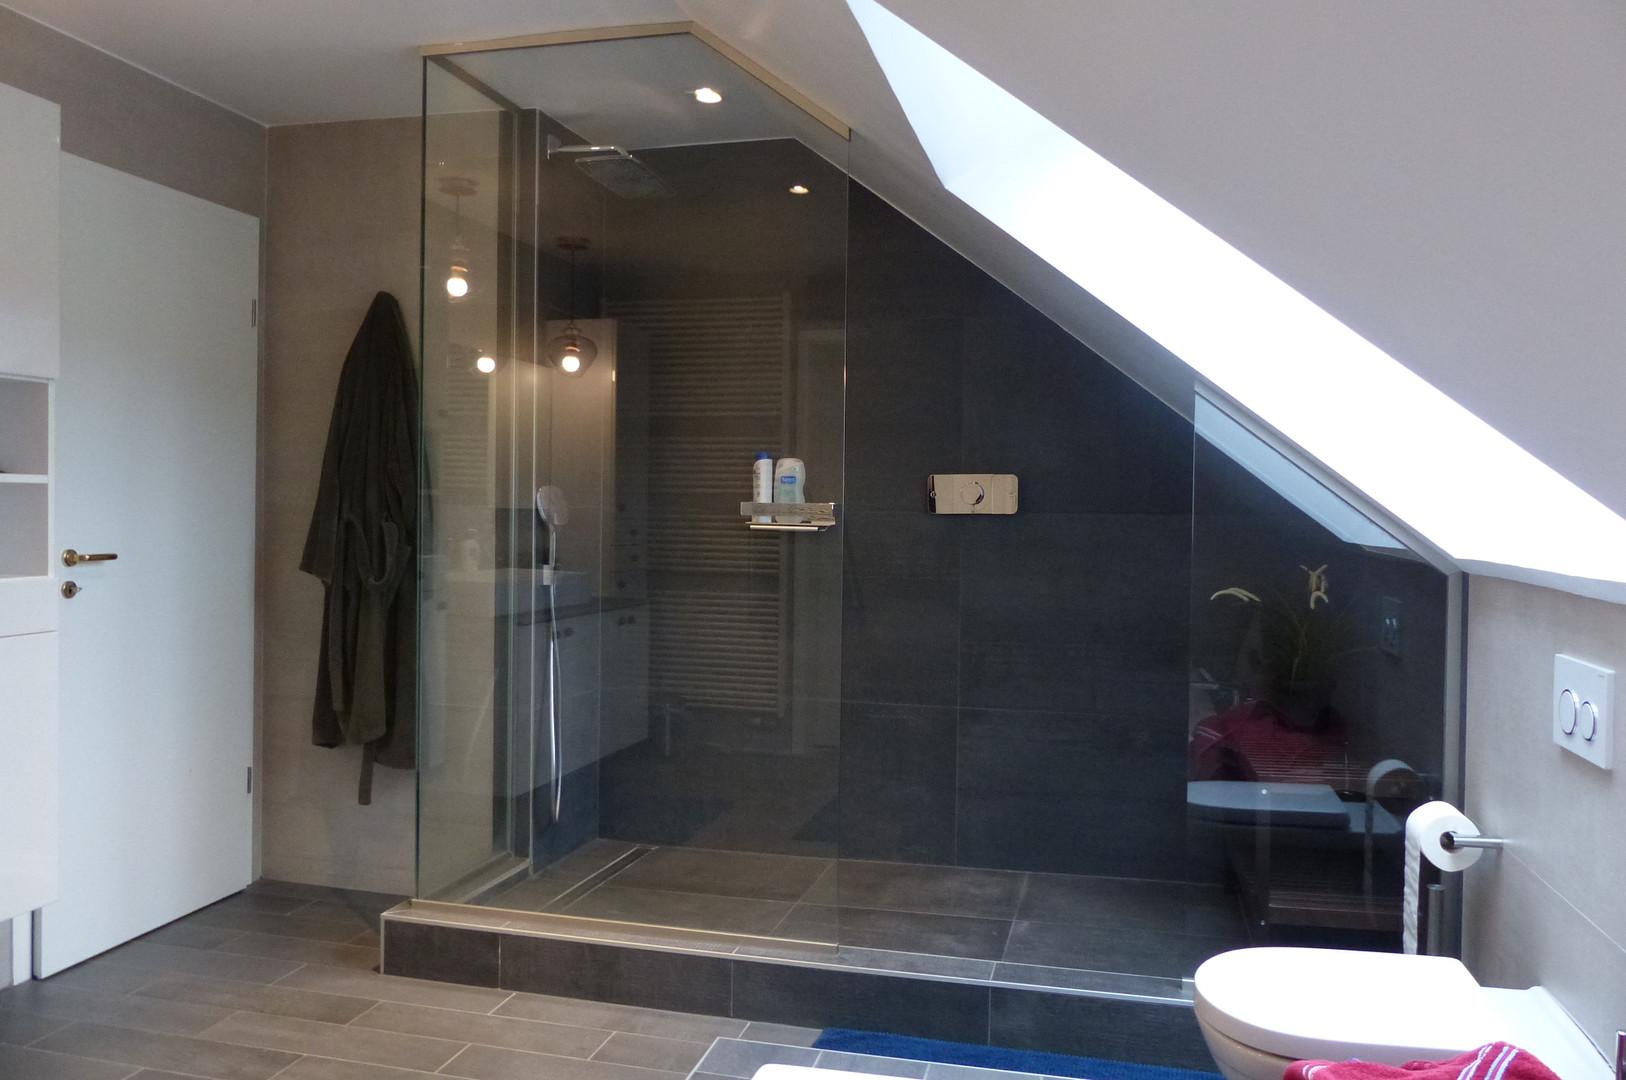 salle de bain-Crochet Catherine architecture d'intérieur